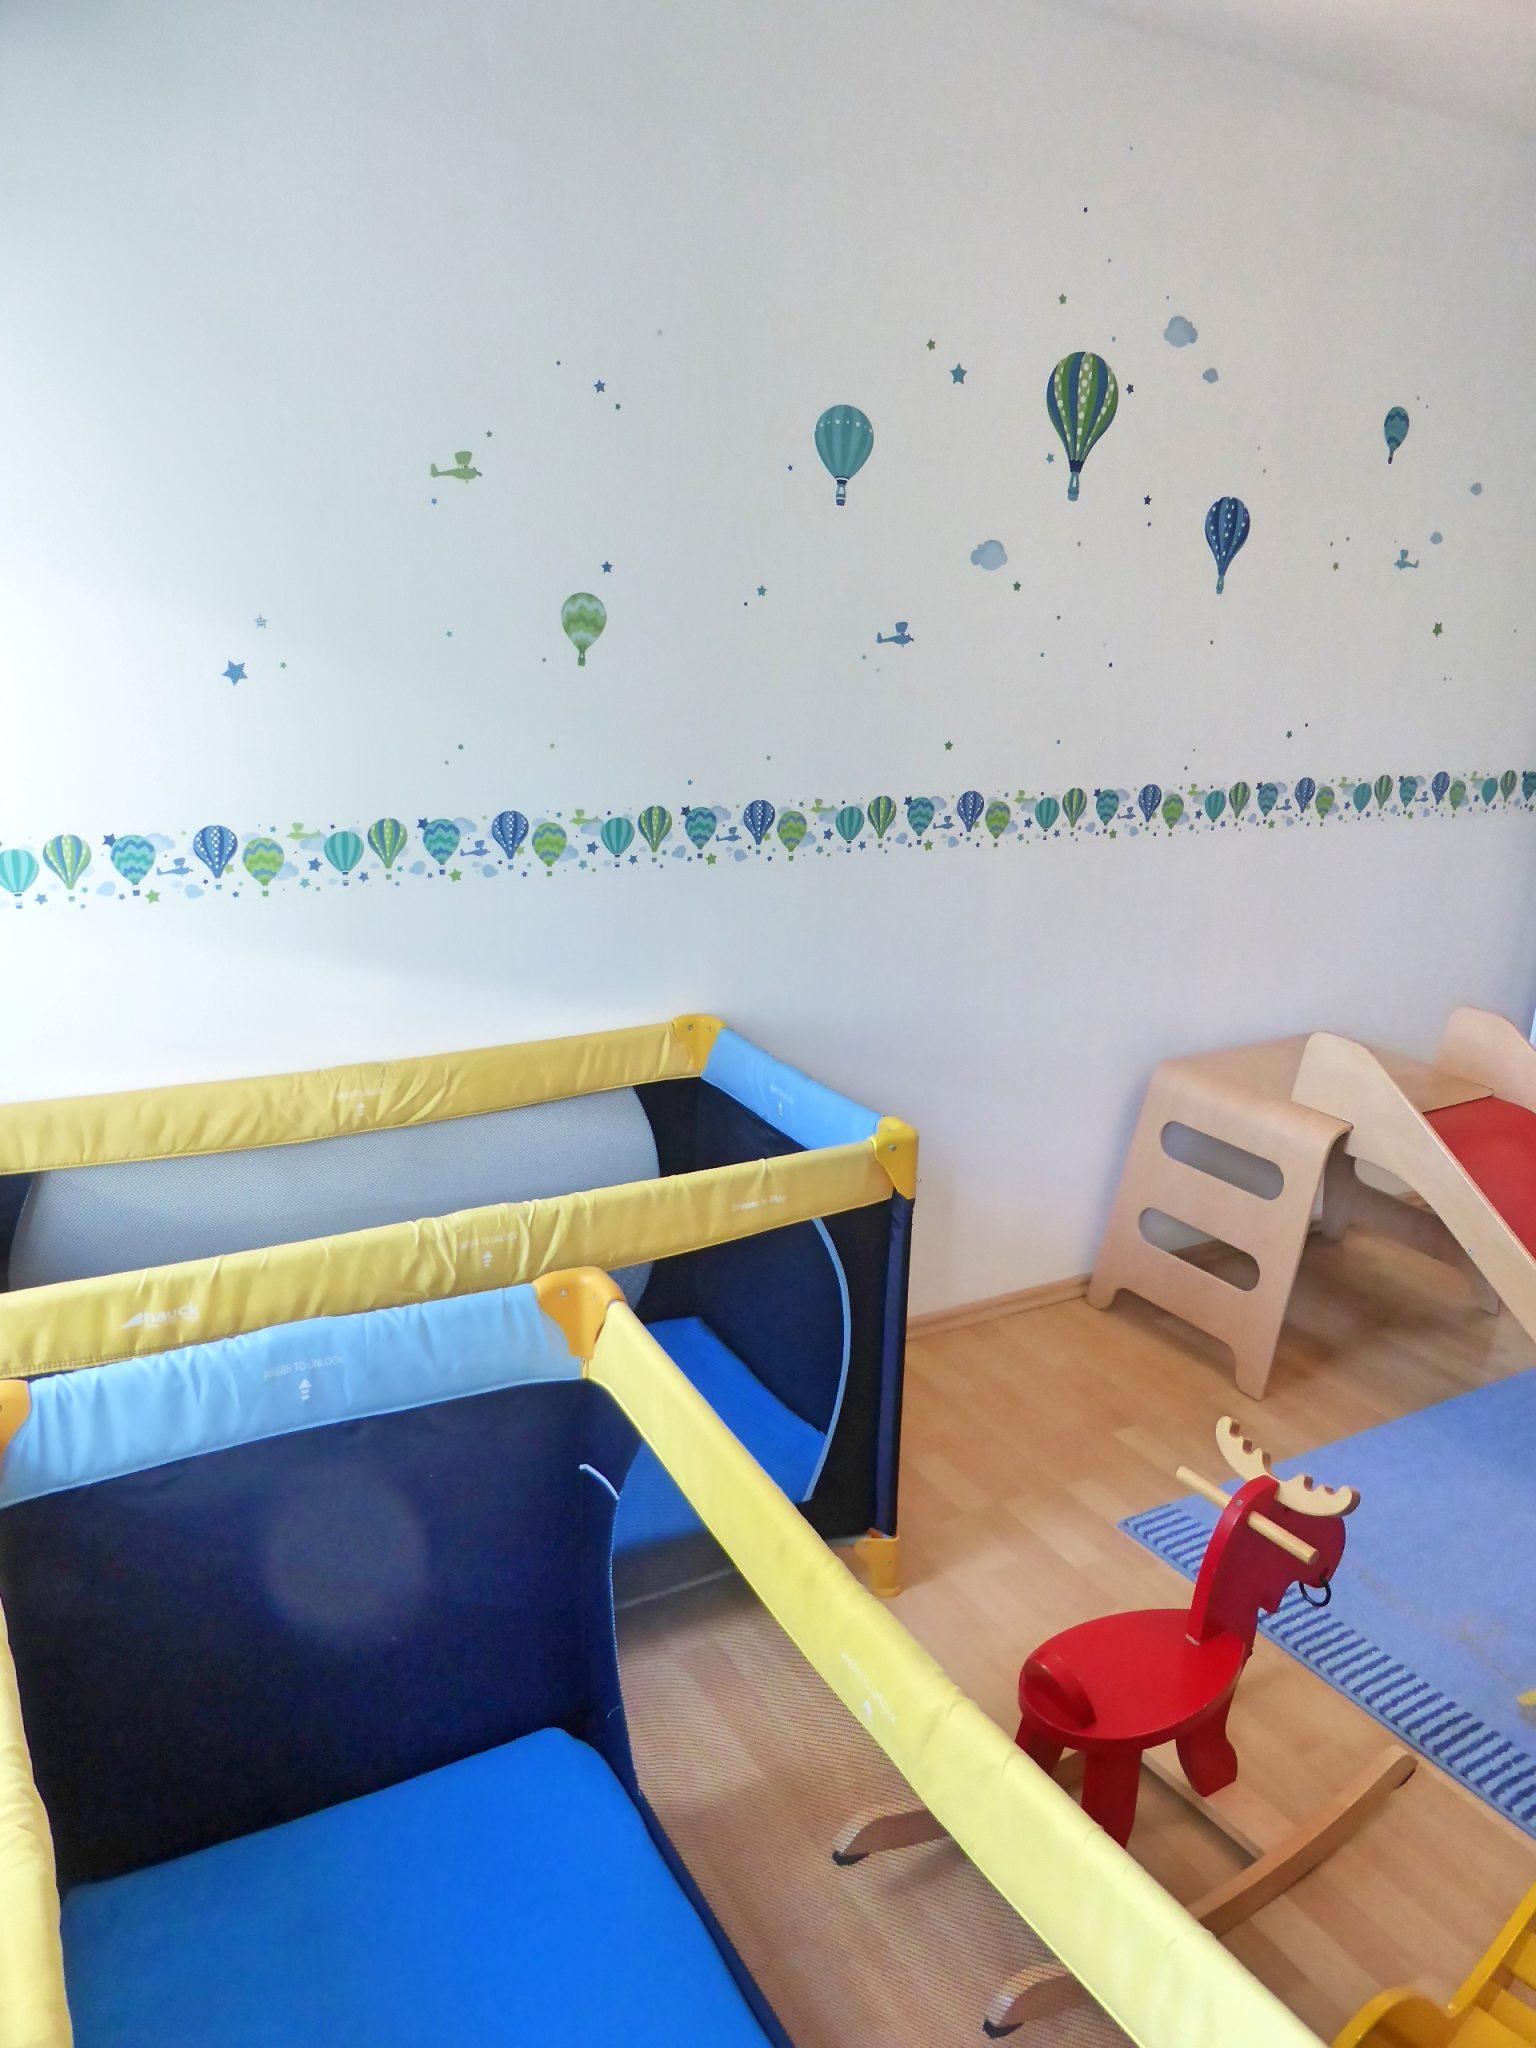 Schlafzimmer 5 Kita Kid Zone Kinderbetreuung - Schlafzimmer